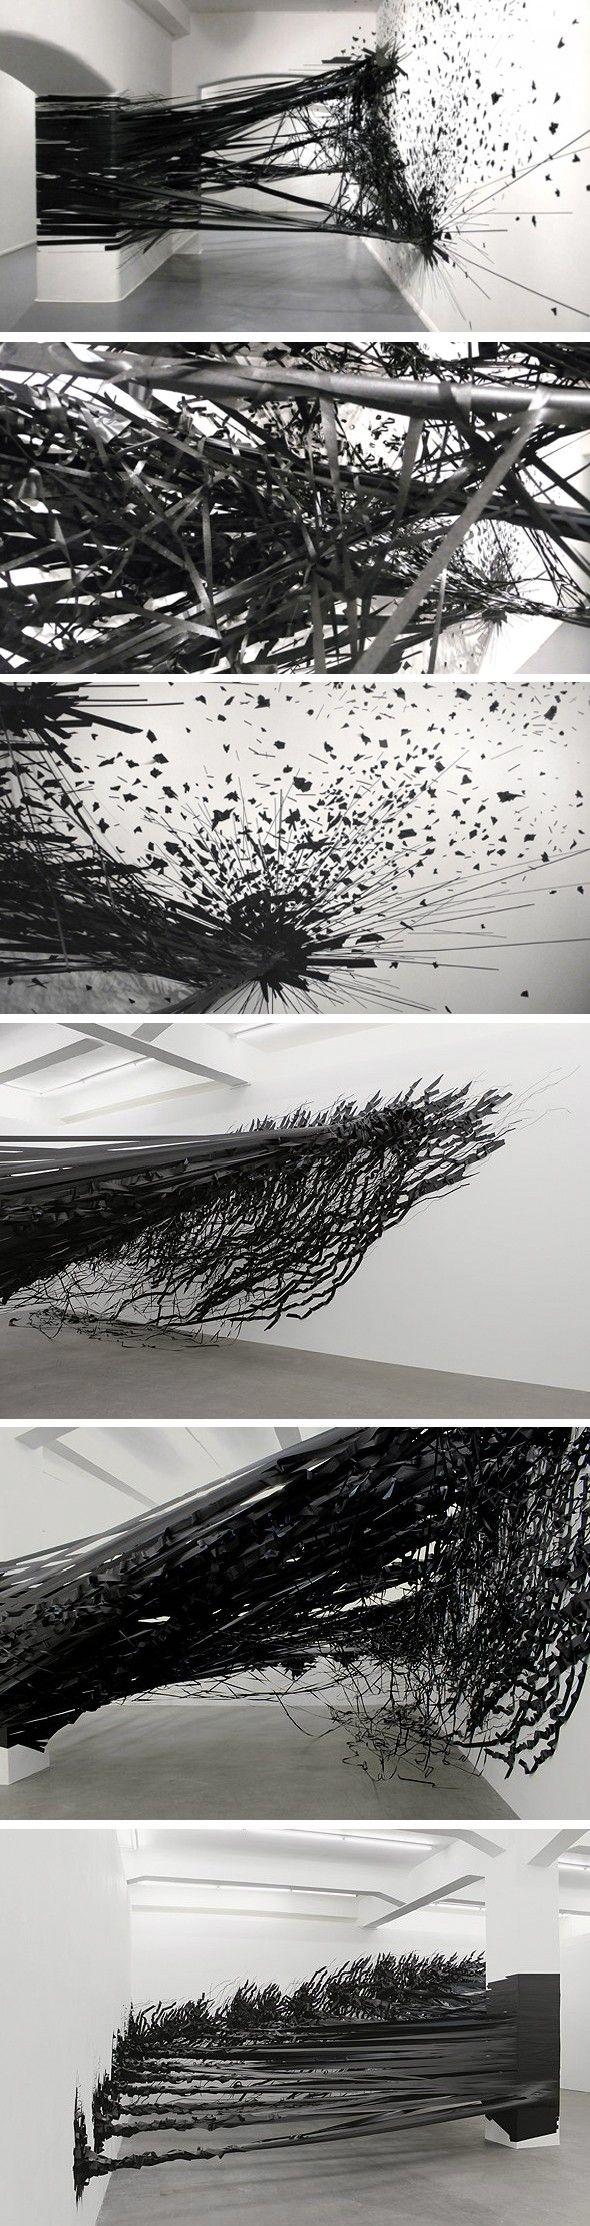 http://www.journal-du-design.fr/art/installation-aerial-par-monika-grzymala-24271/  Du ruban adhésif, de la patience et de l'imagination Aerial est une installation de l'artiste berlinoise Monika Grzymala, entièrement réalisée à l'aide d'u